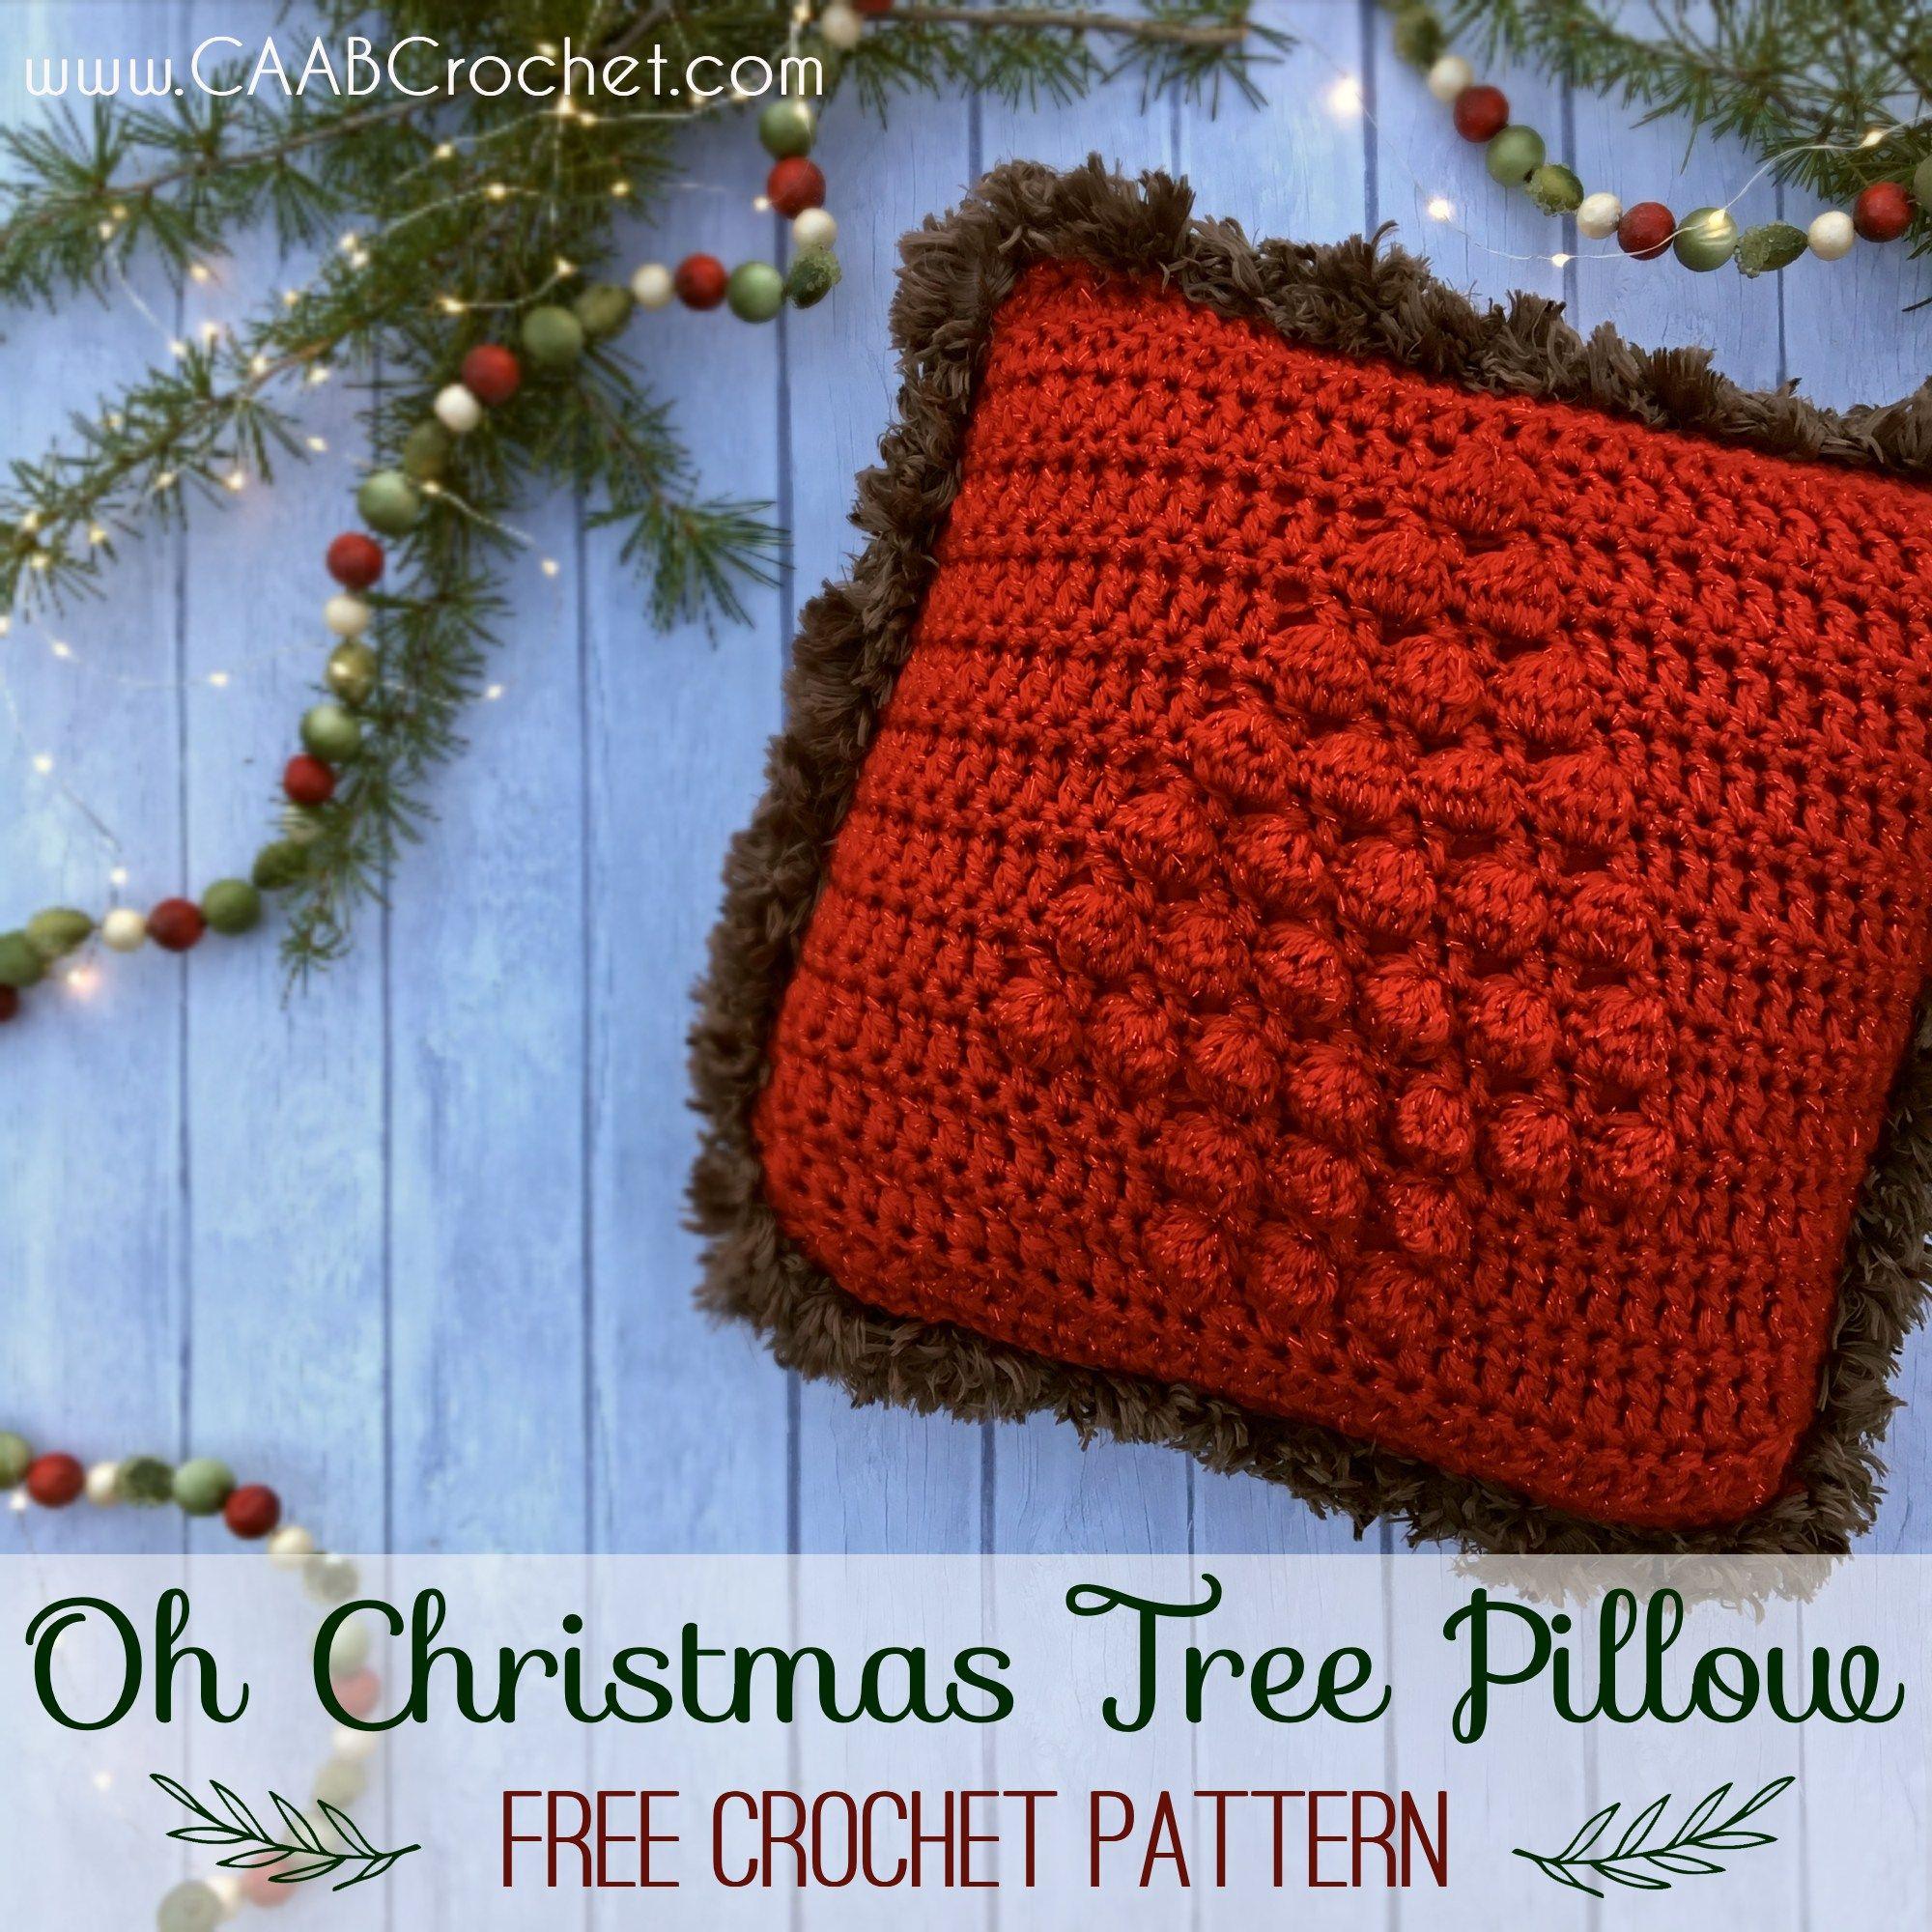 Oh Christmas Tree Pillow Crochet Christmas Trees Christmas Pillow Holiday Crochet